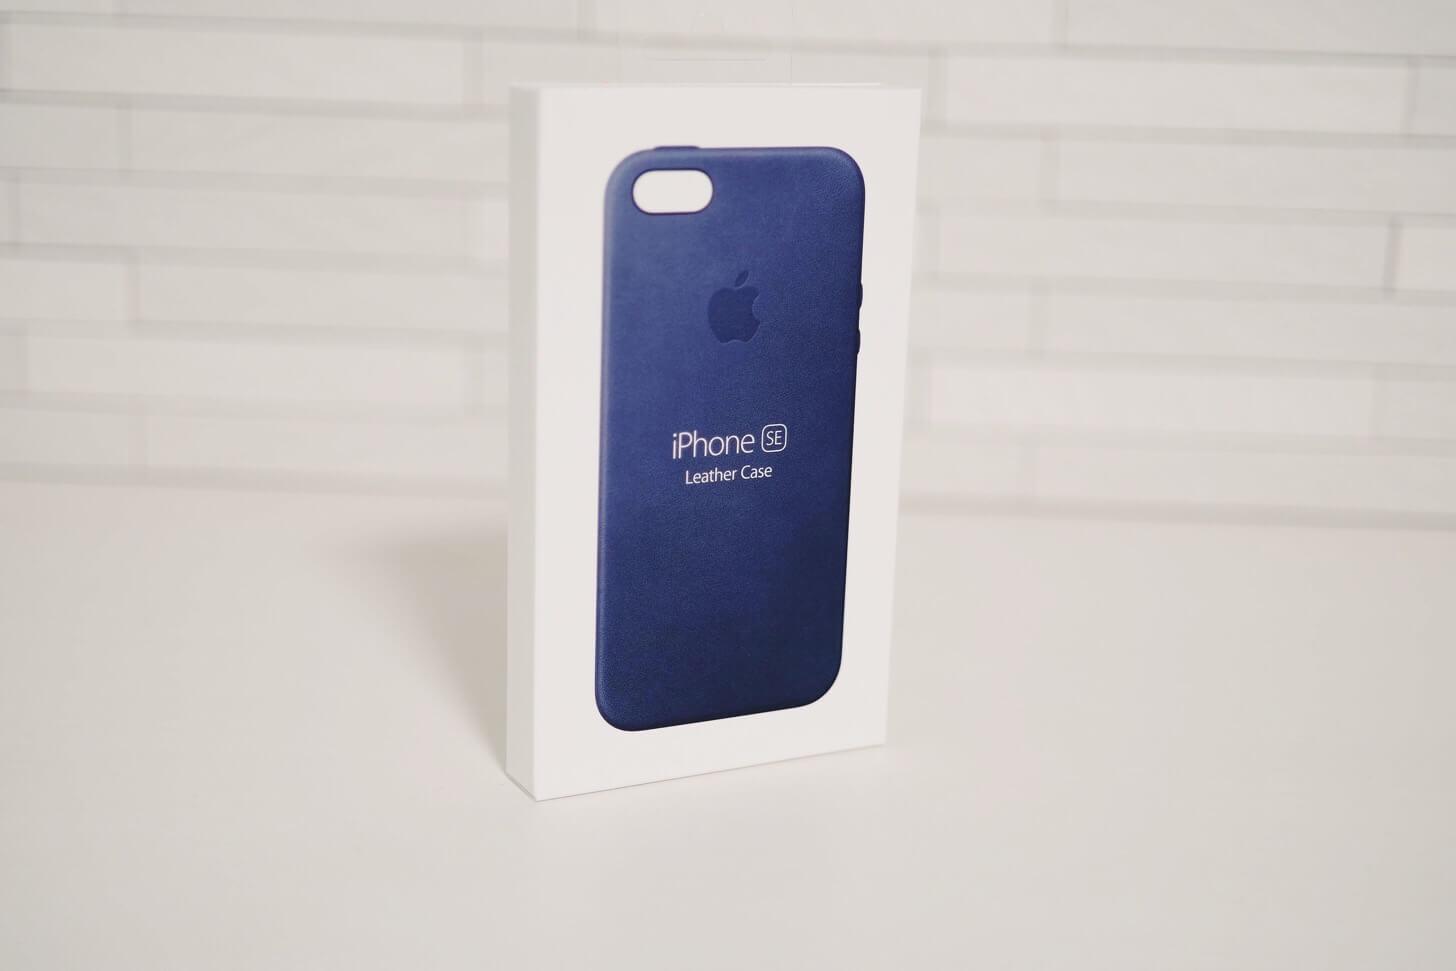 iPhone SEの純正レザーケース